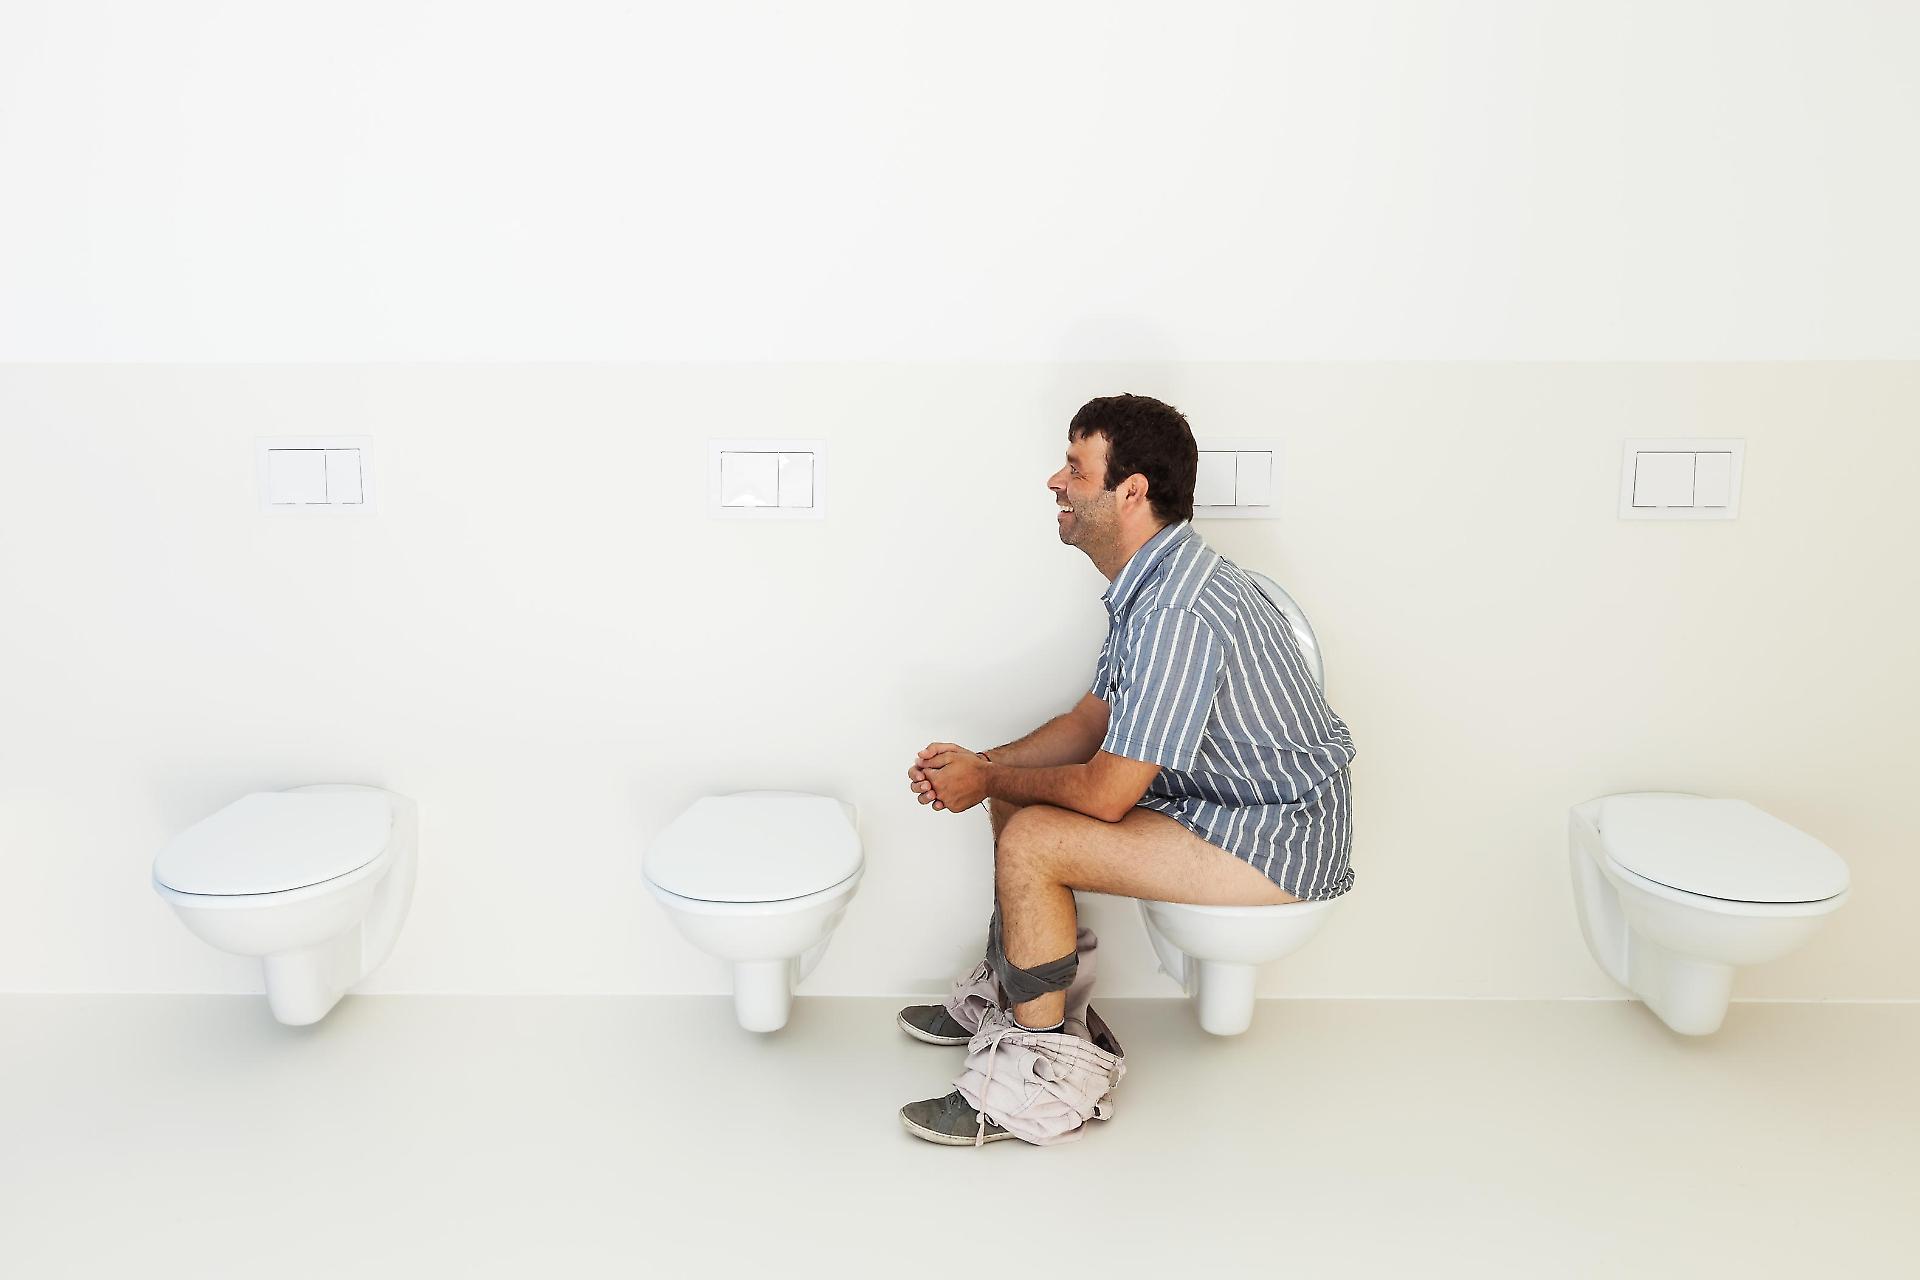 Come fare la cacca in modo corretto - Cacca nel bagno ...